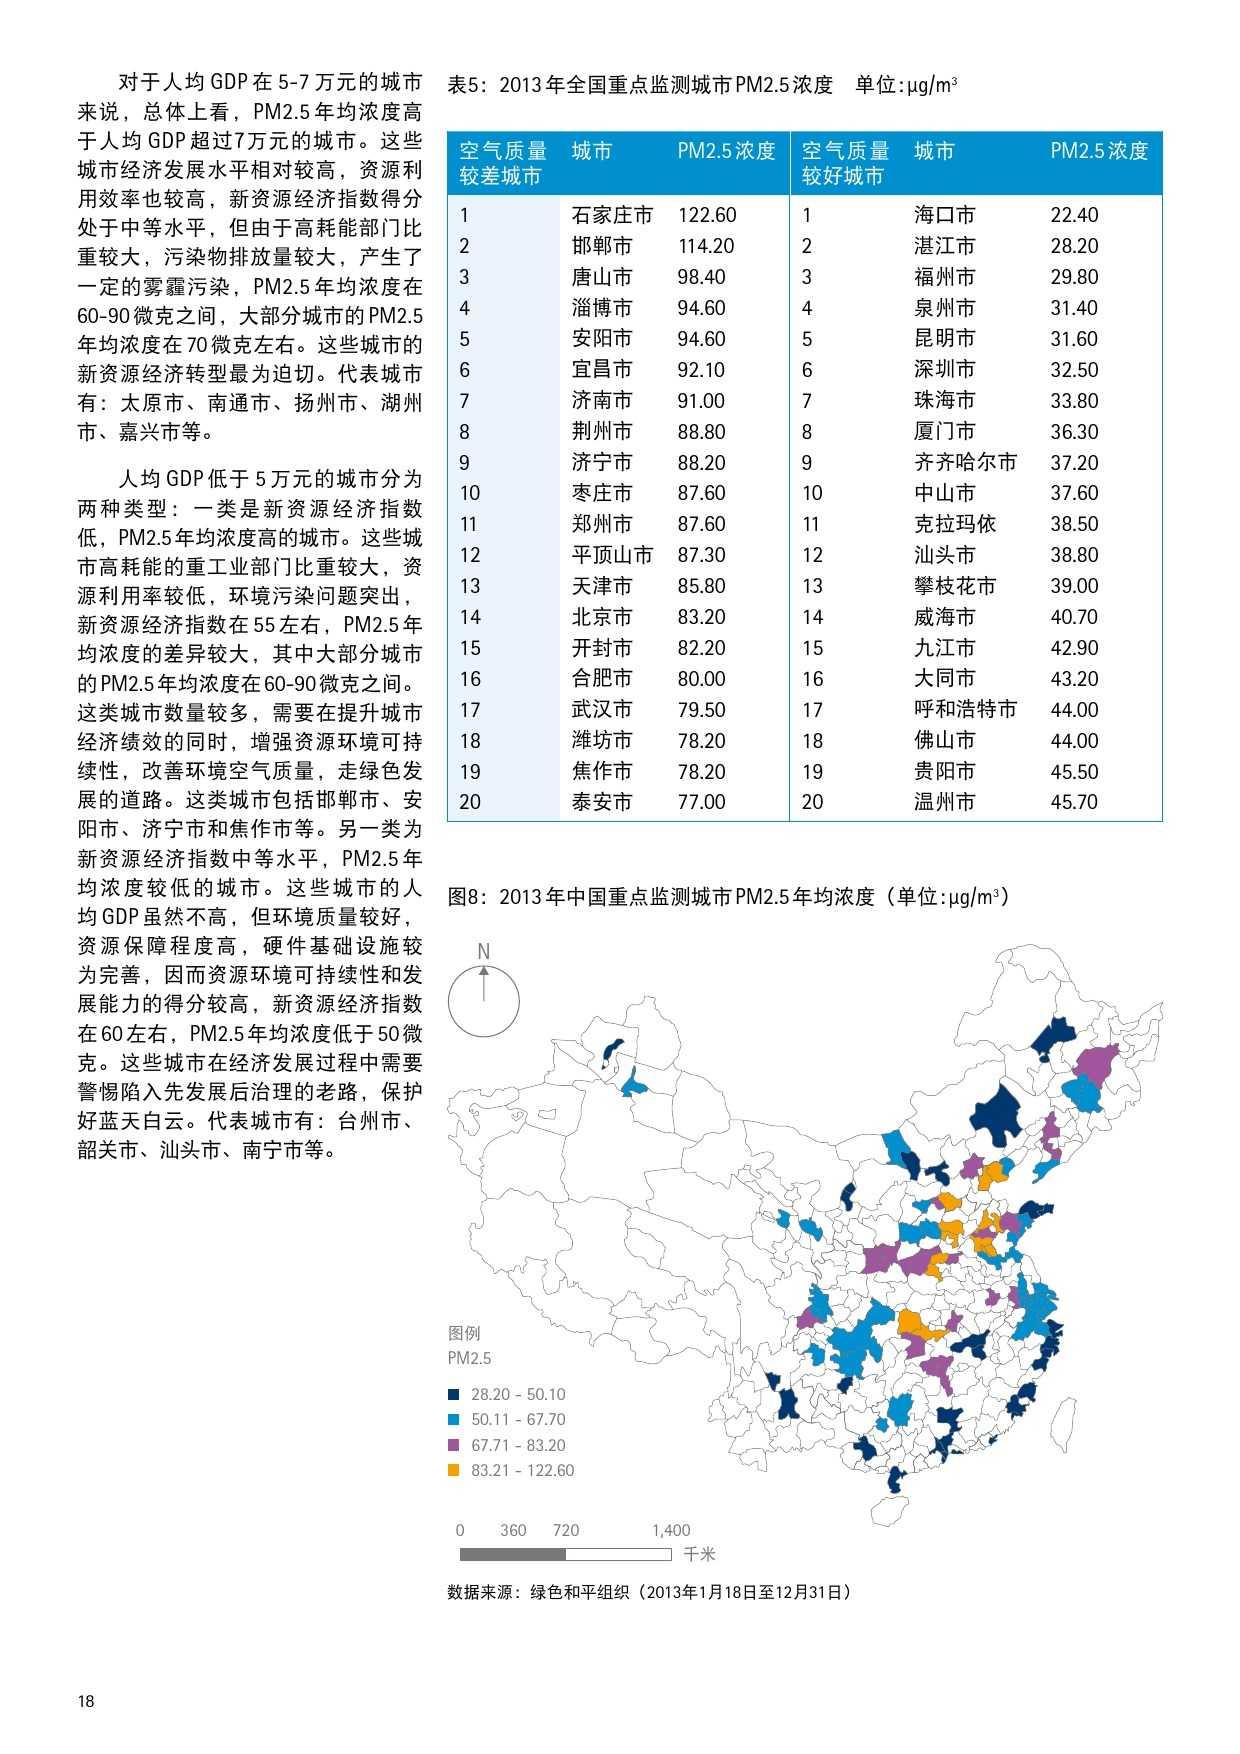 埃森哲&中科院:2015年新资源经济城市指数_000018